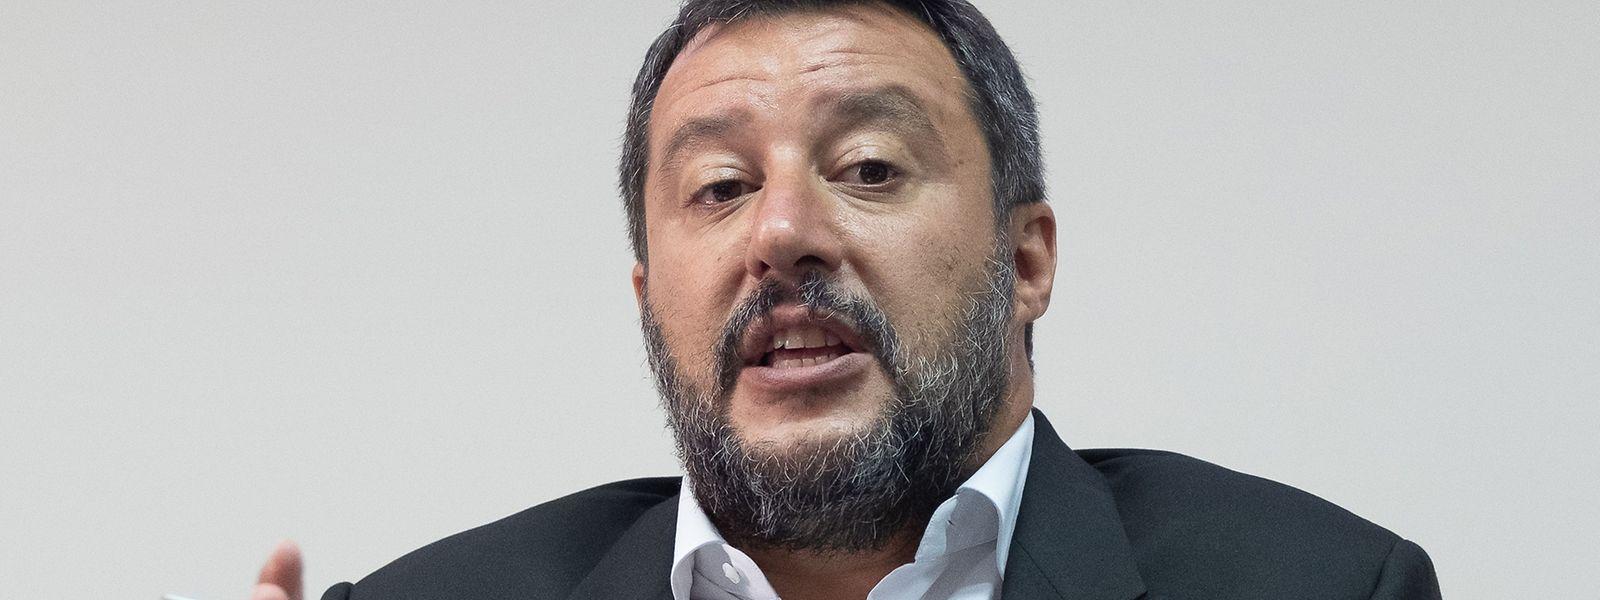 Eine Mehrheit für den von Salvini eingereichten Misstrauensantrag ist keinesfalls sicher - der Rechtspopulist könnte sich dieses Mal verrechnet haben.